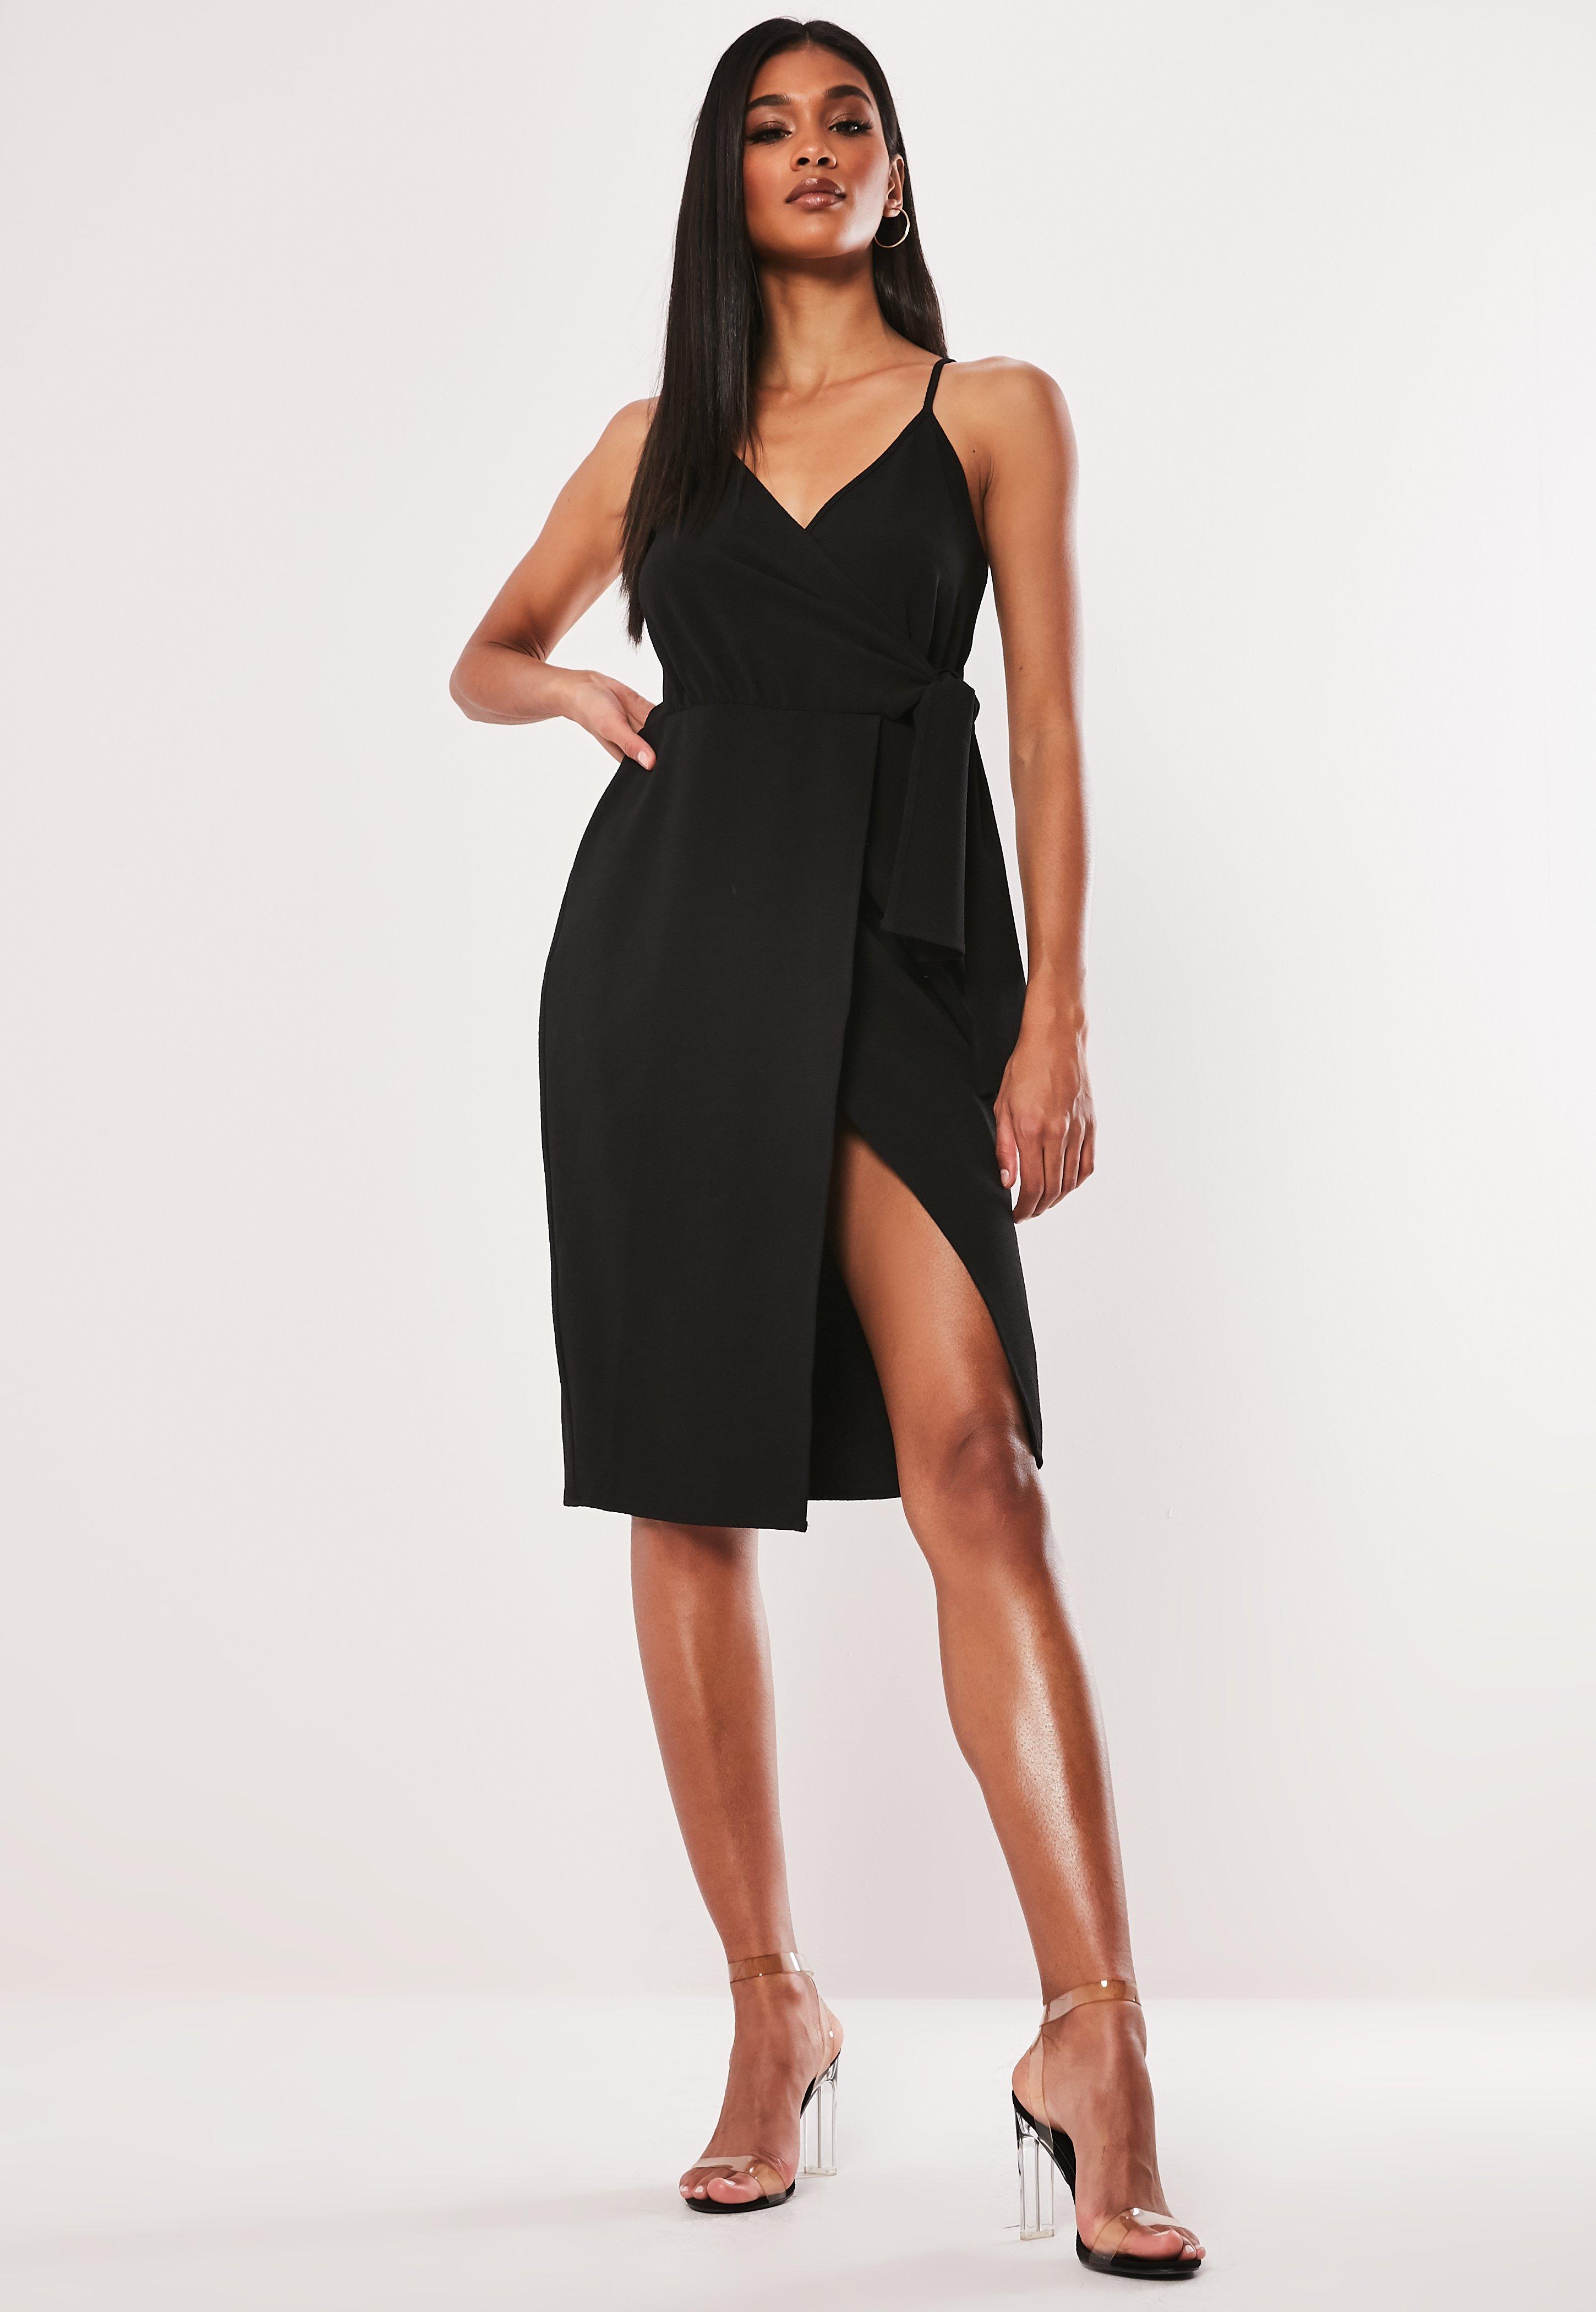 688fbca9ce3cae Black Wrap Dresses | Shop Black Wrap Dresses Online - Missguided